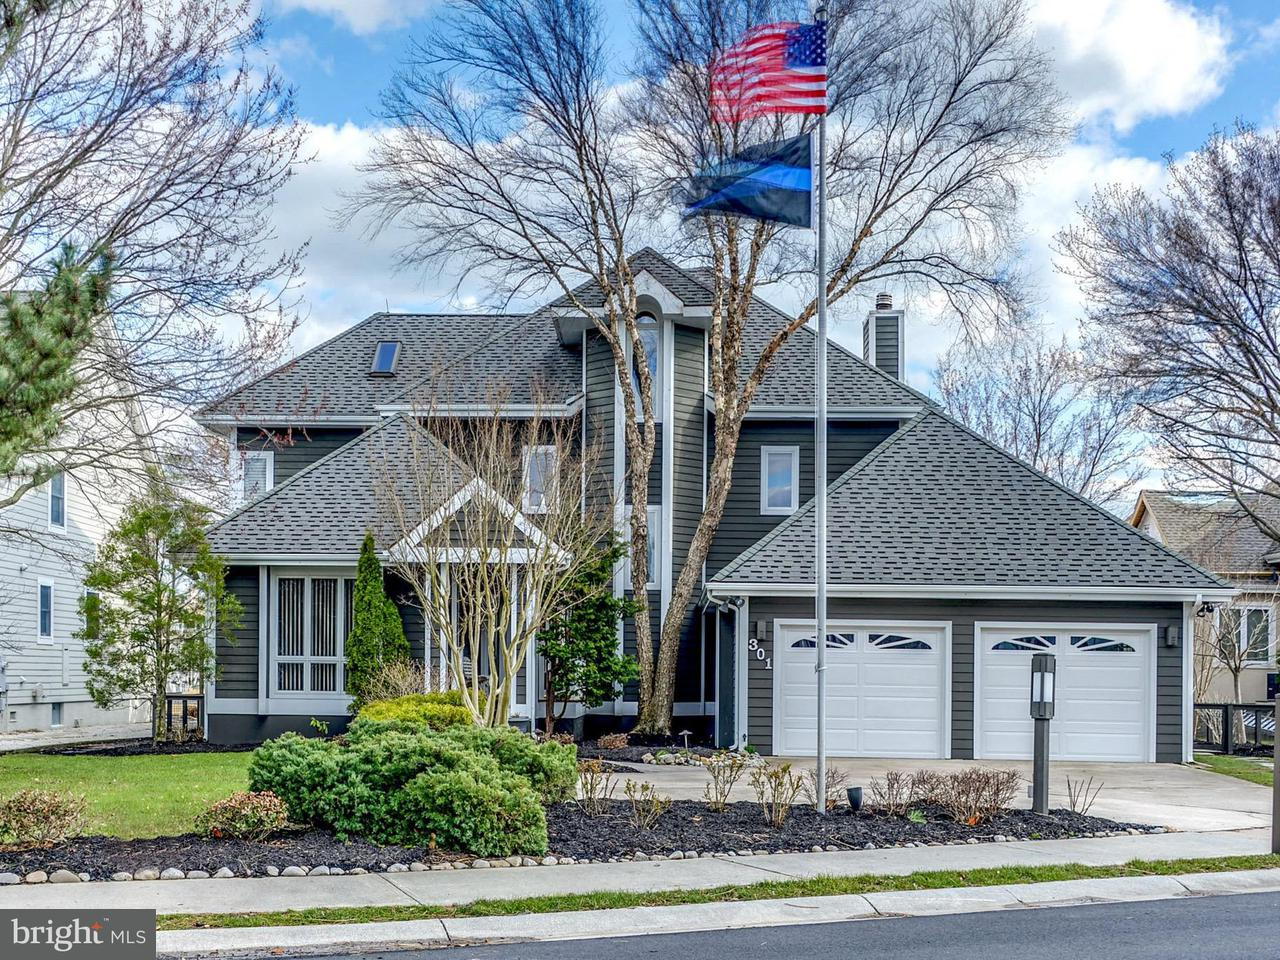 一戸建て のために 売買 アット 301 White Heron Court 301 White Heron Court Ocean City, メリーランド 21842 アメリカ合衆国